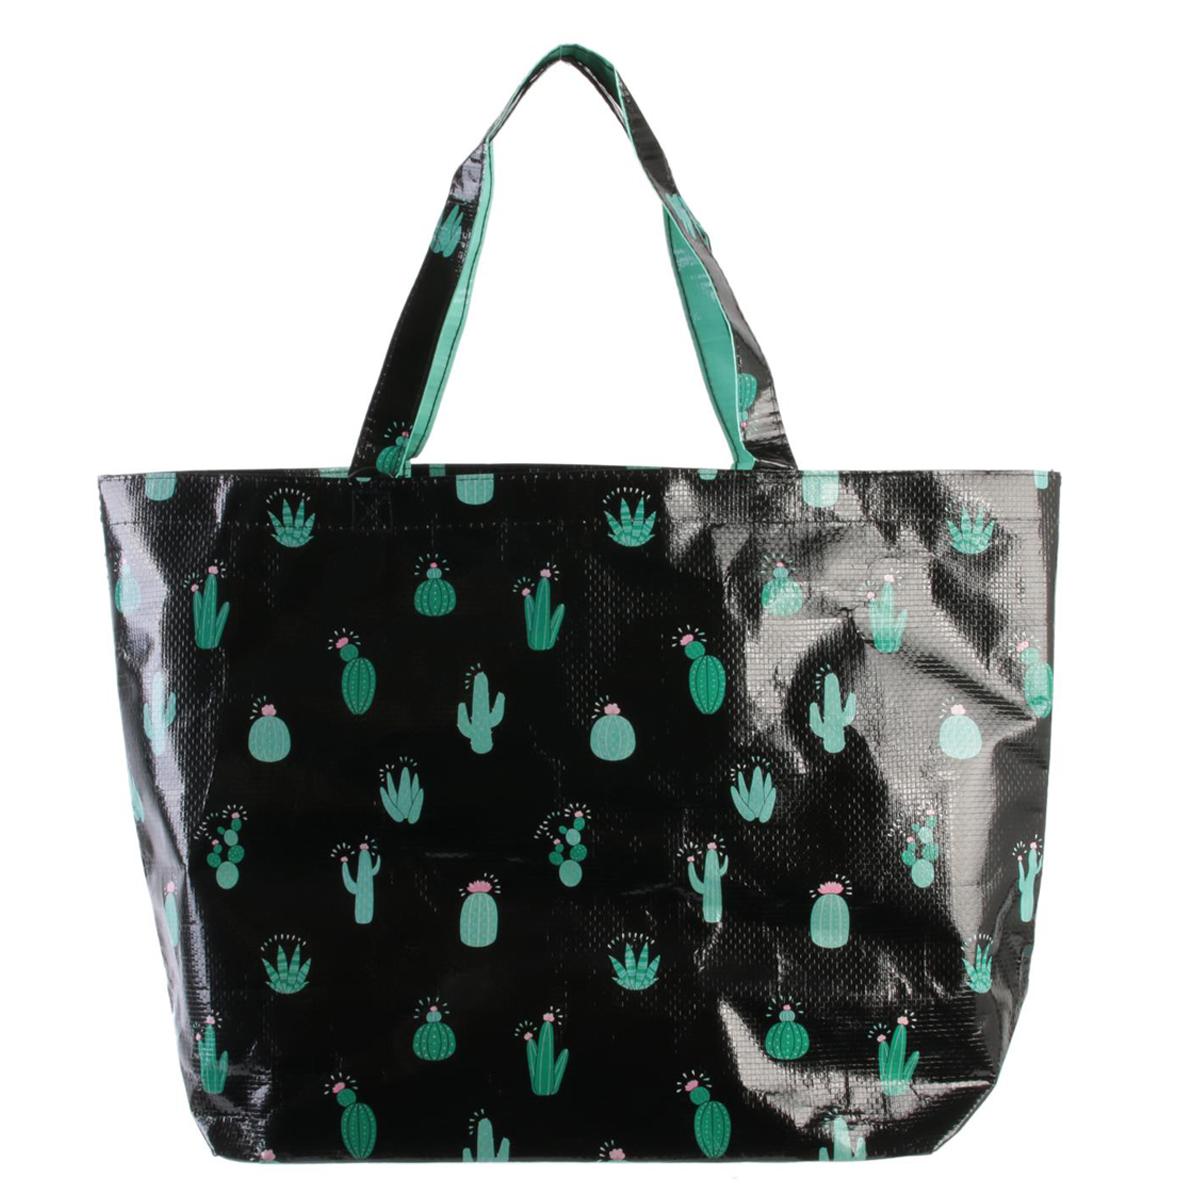 Sac Shopping \'Cactus\' noir vert - 50x35x15 cm - [Q8102]